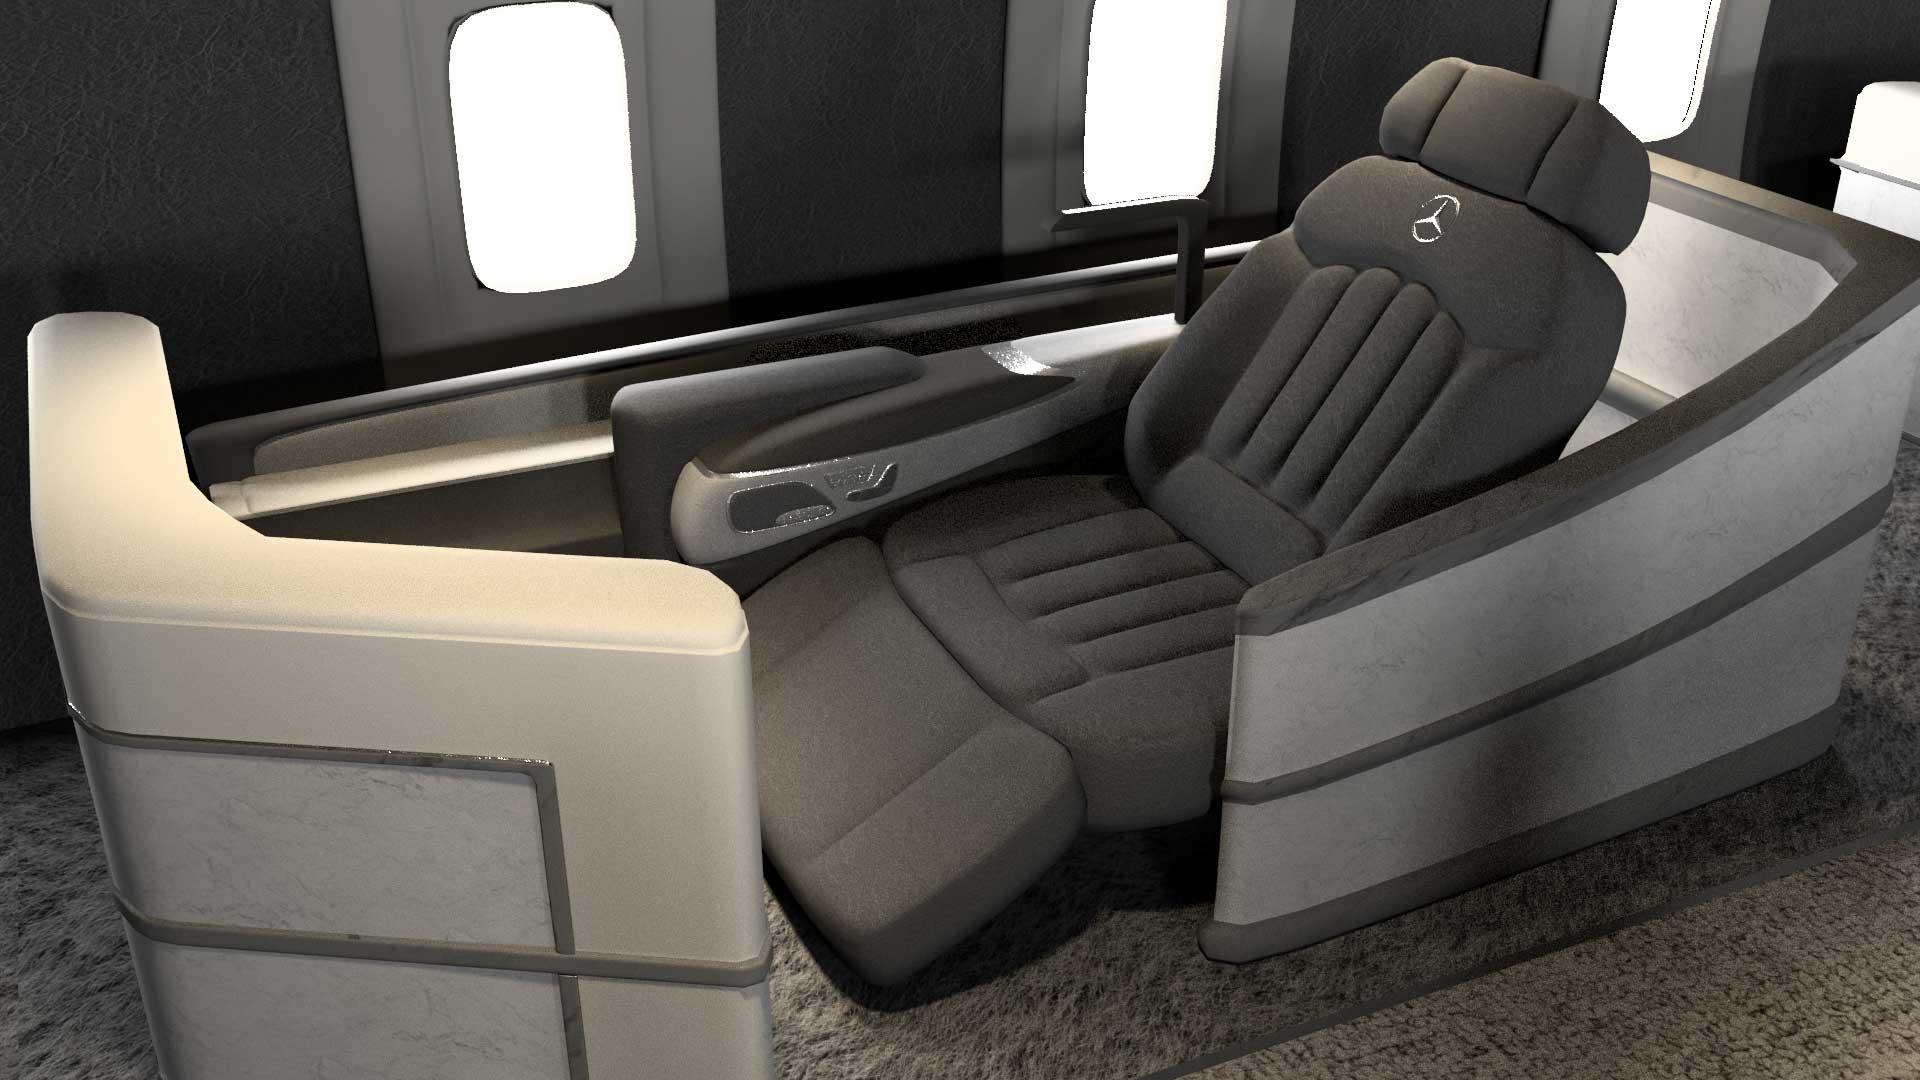 Benz S-Klasse Thumbnail